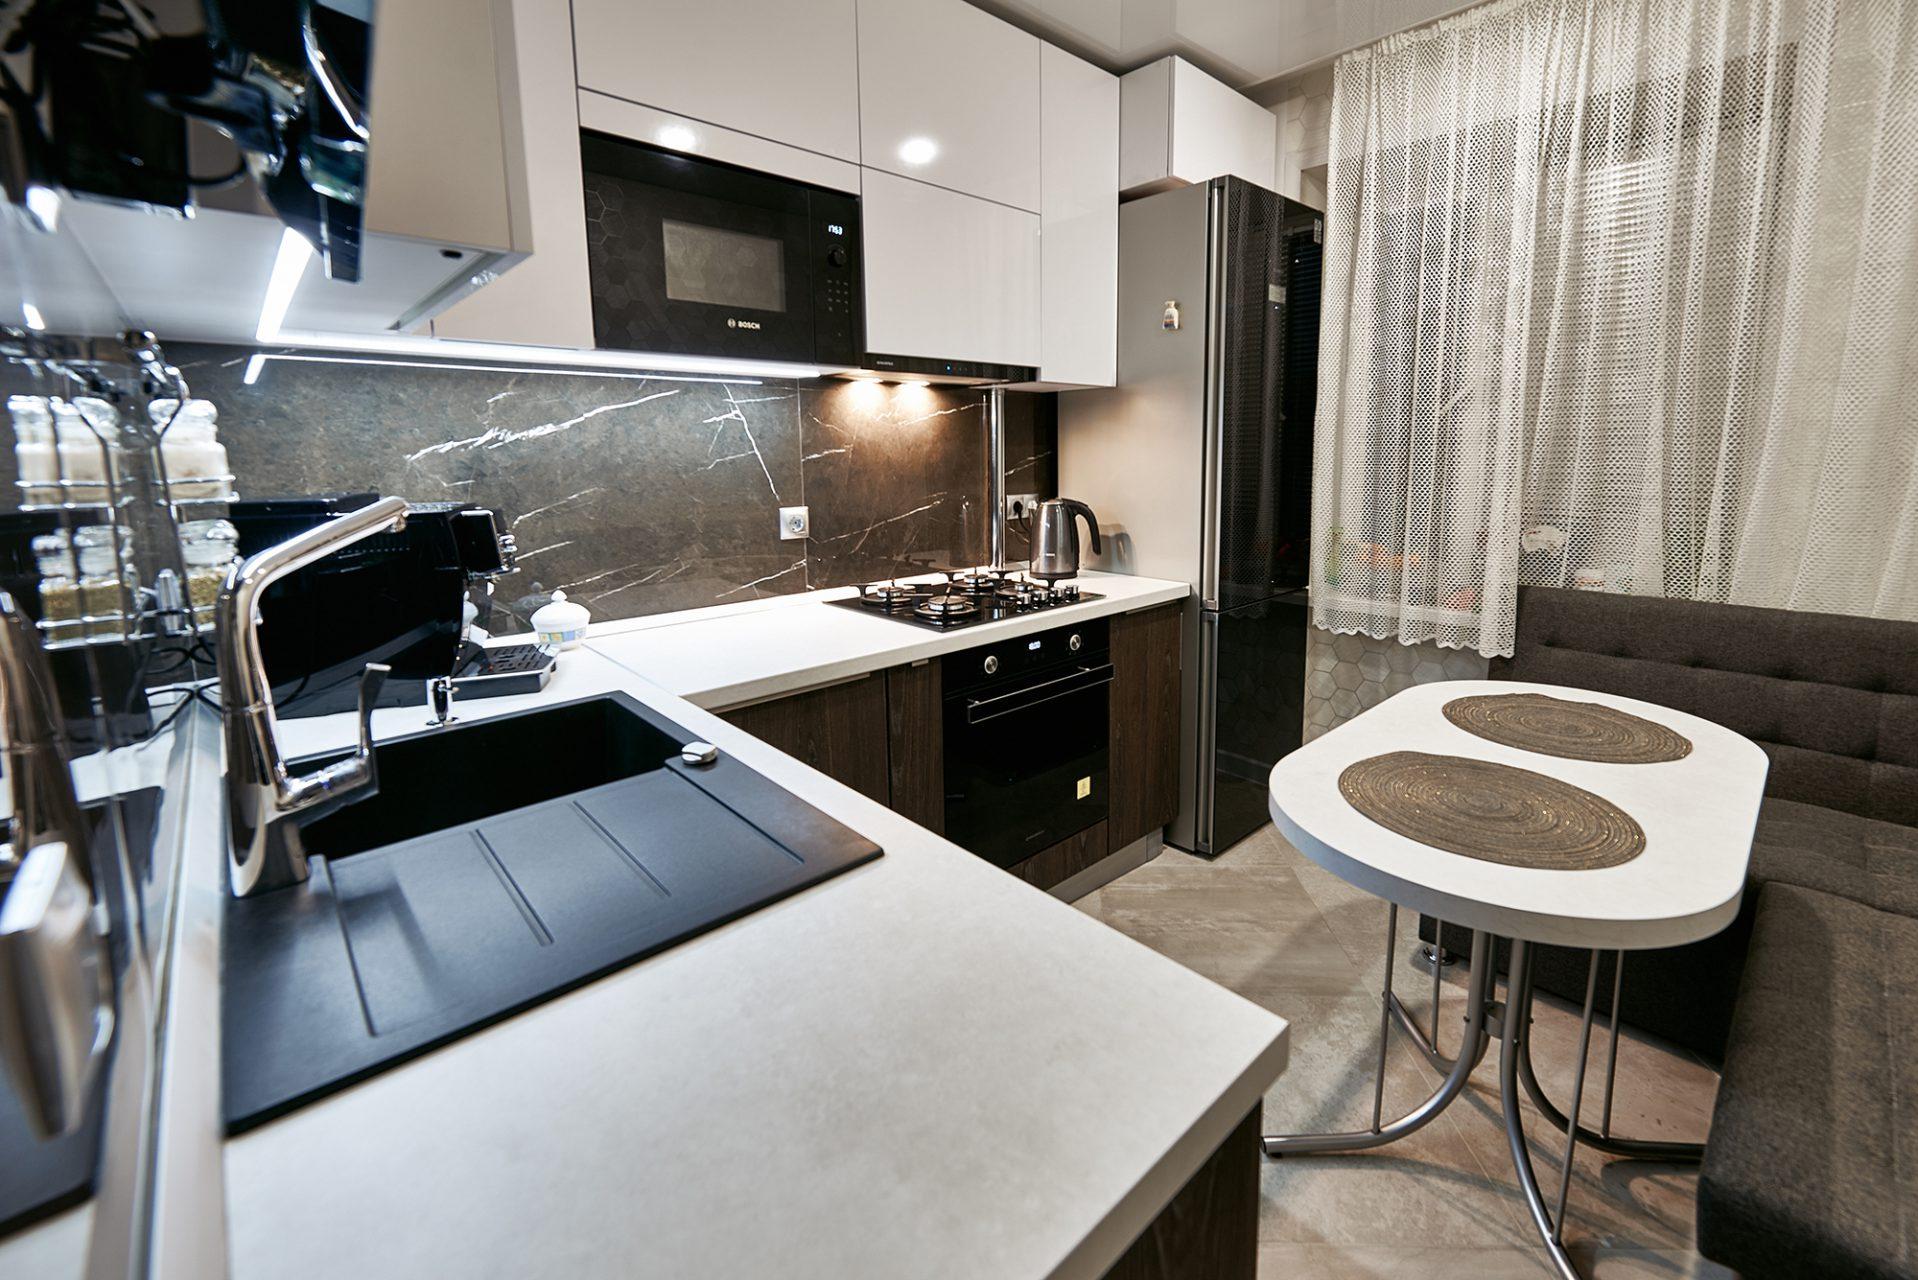 005_interior_kitchen4_korneychikeu